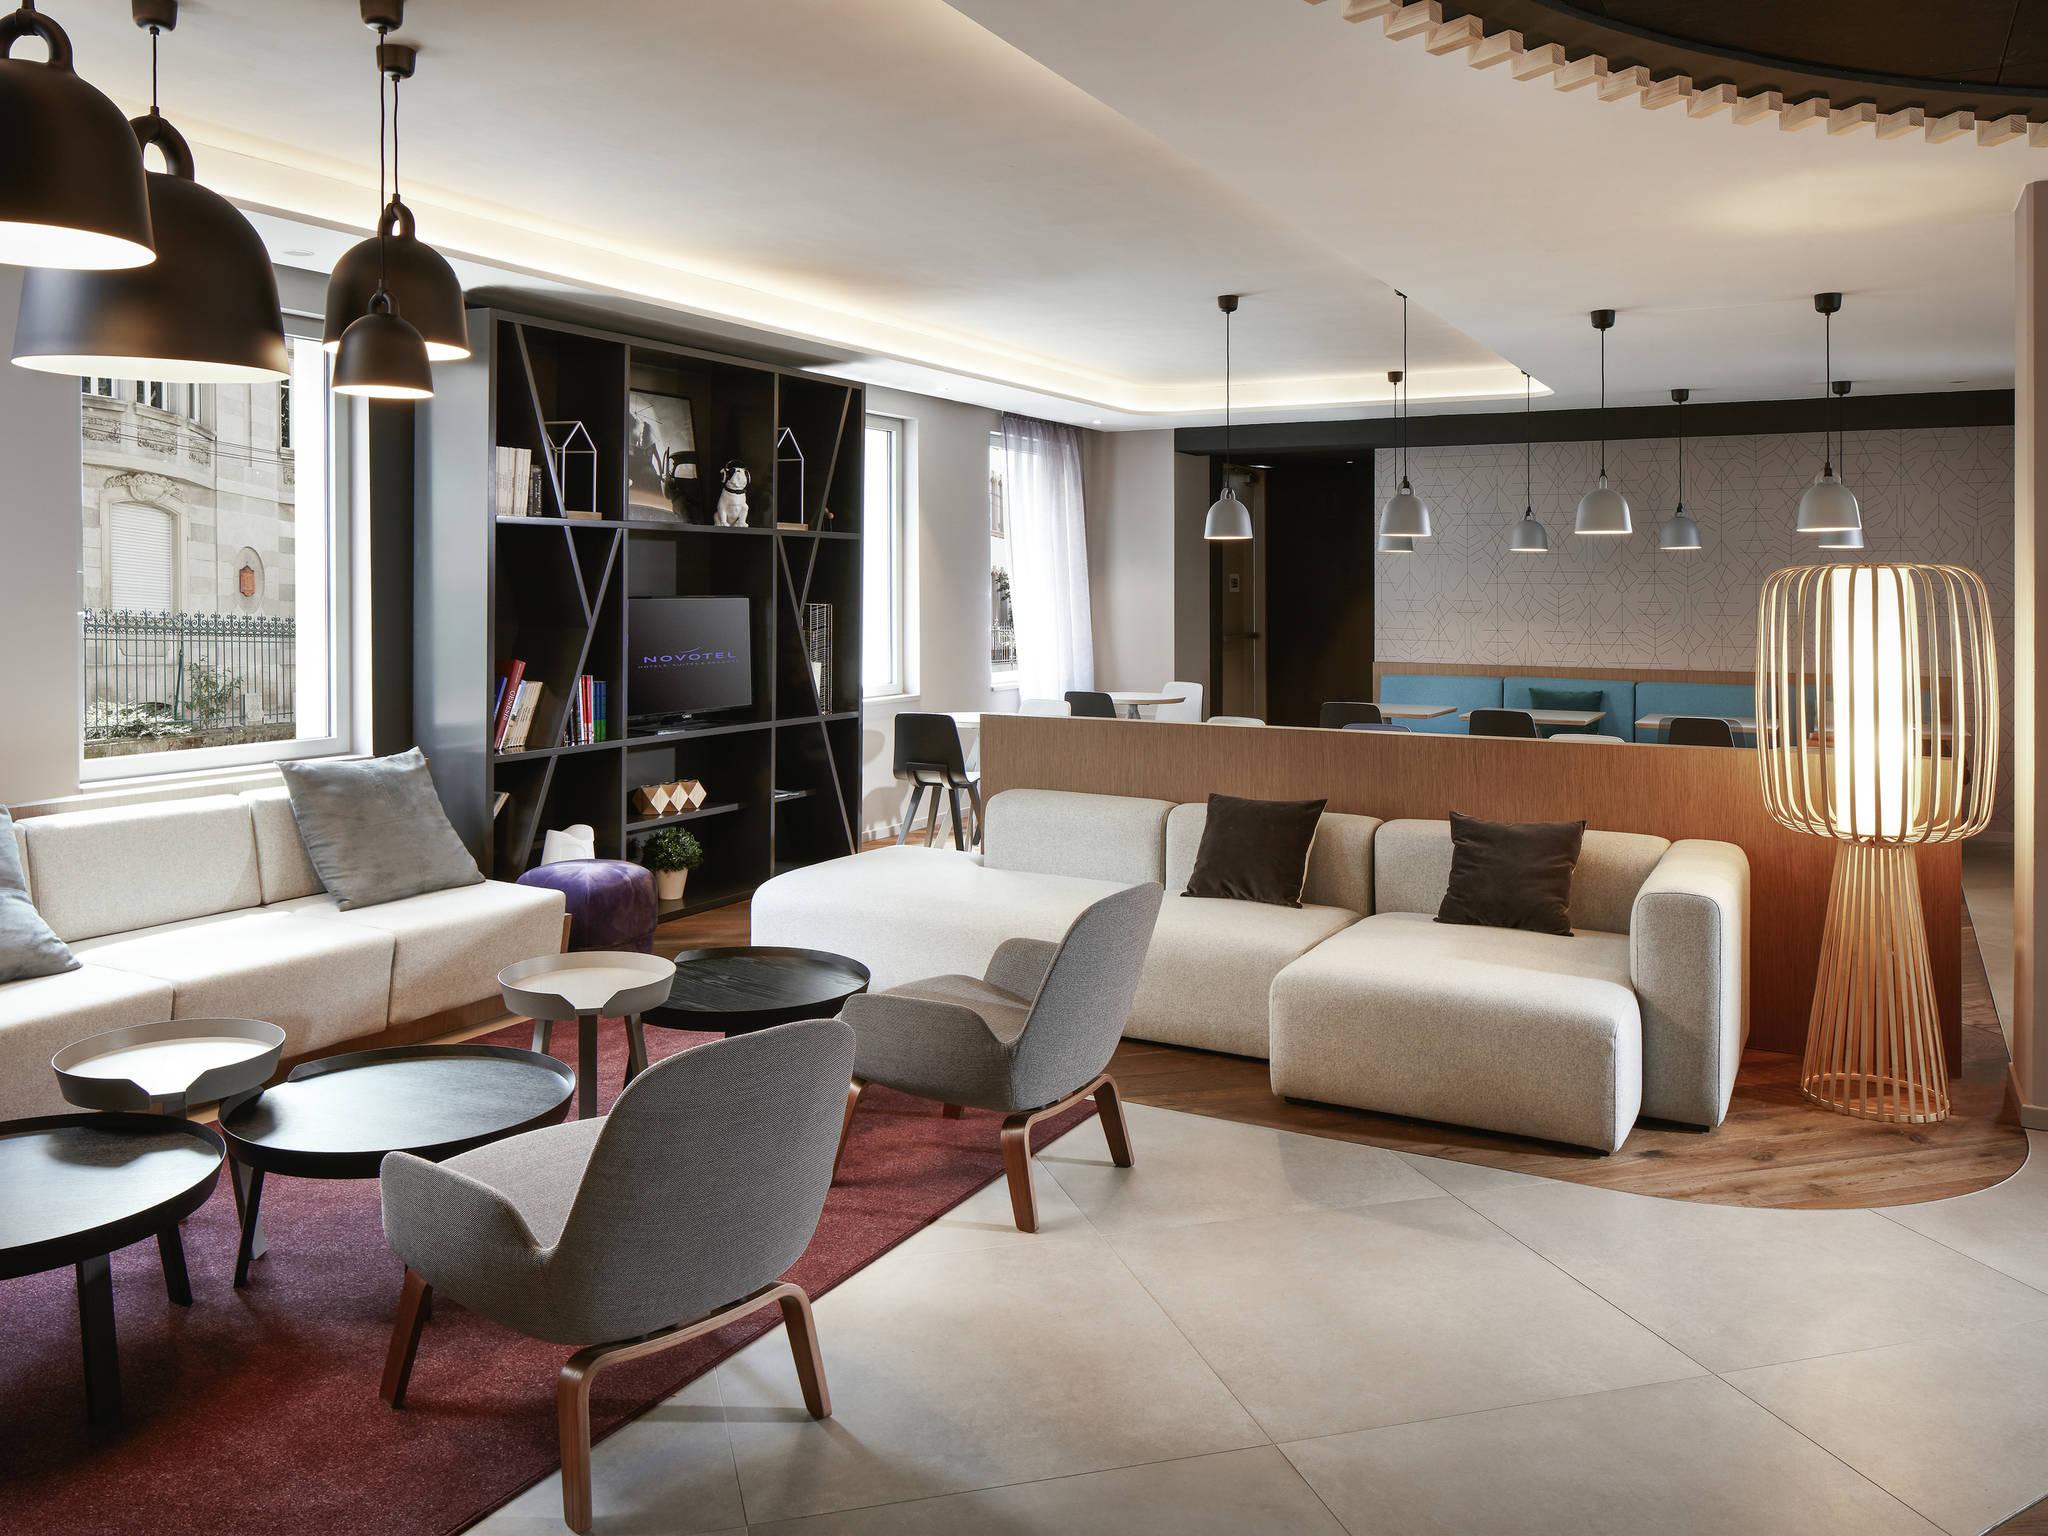 Hotel - Novotel Suites Colmar Centre (Eröffnung: April 2018)